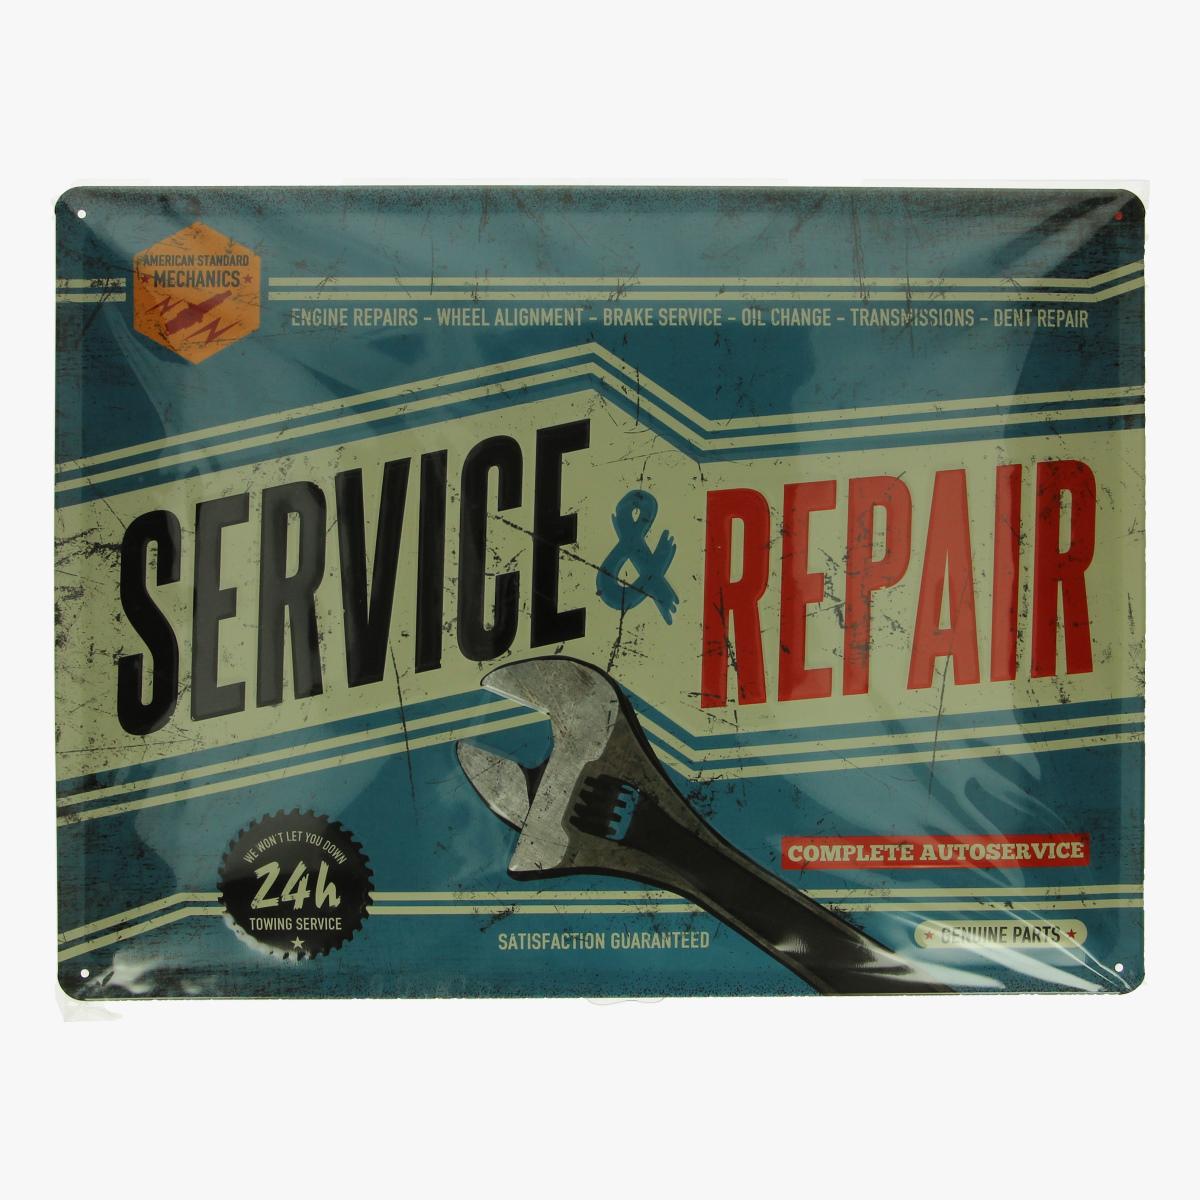 Afbeeldingen van blikken bord service repair geseald